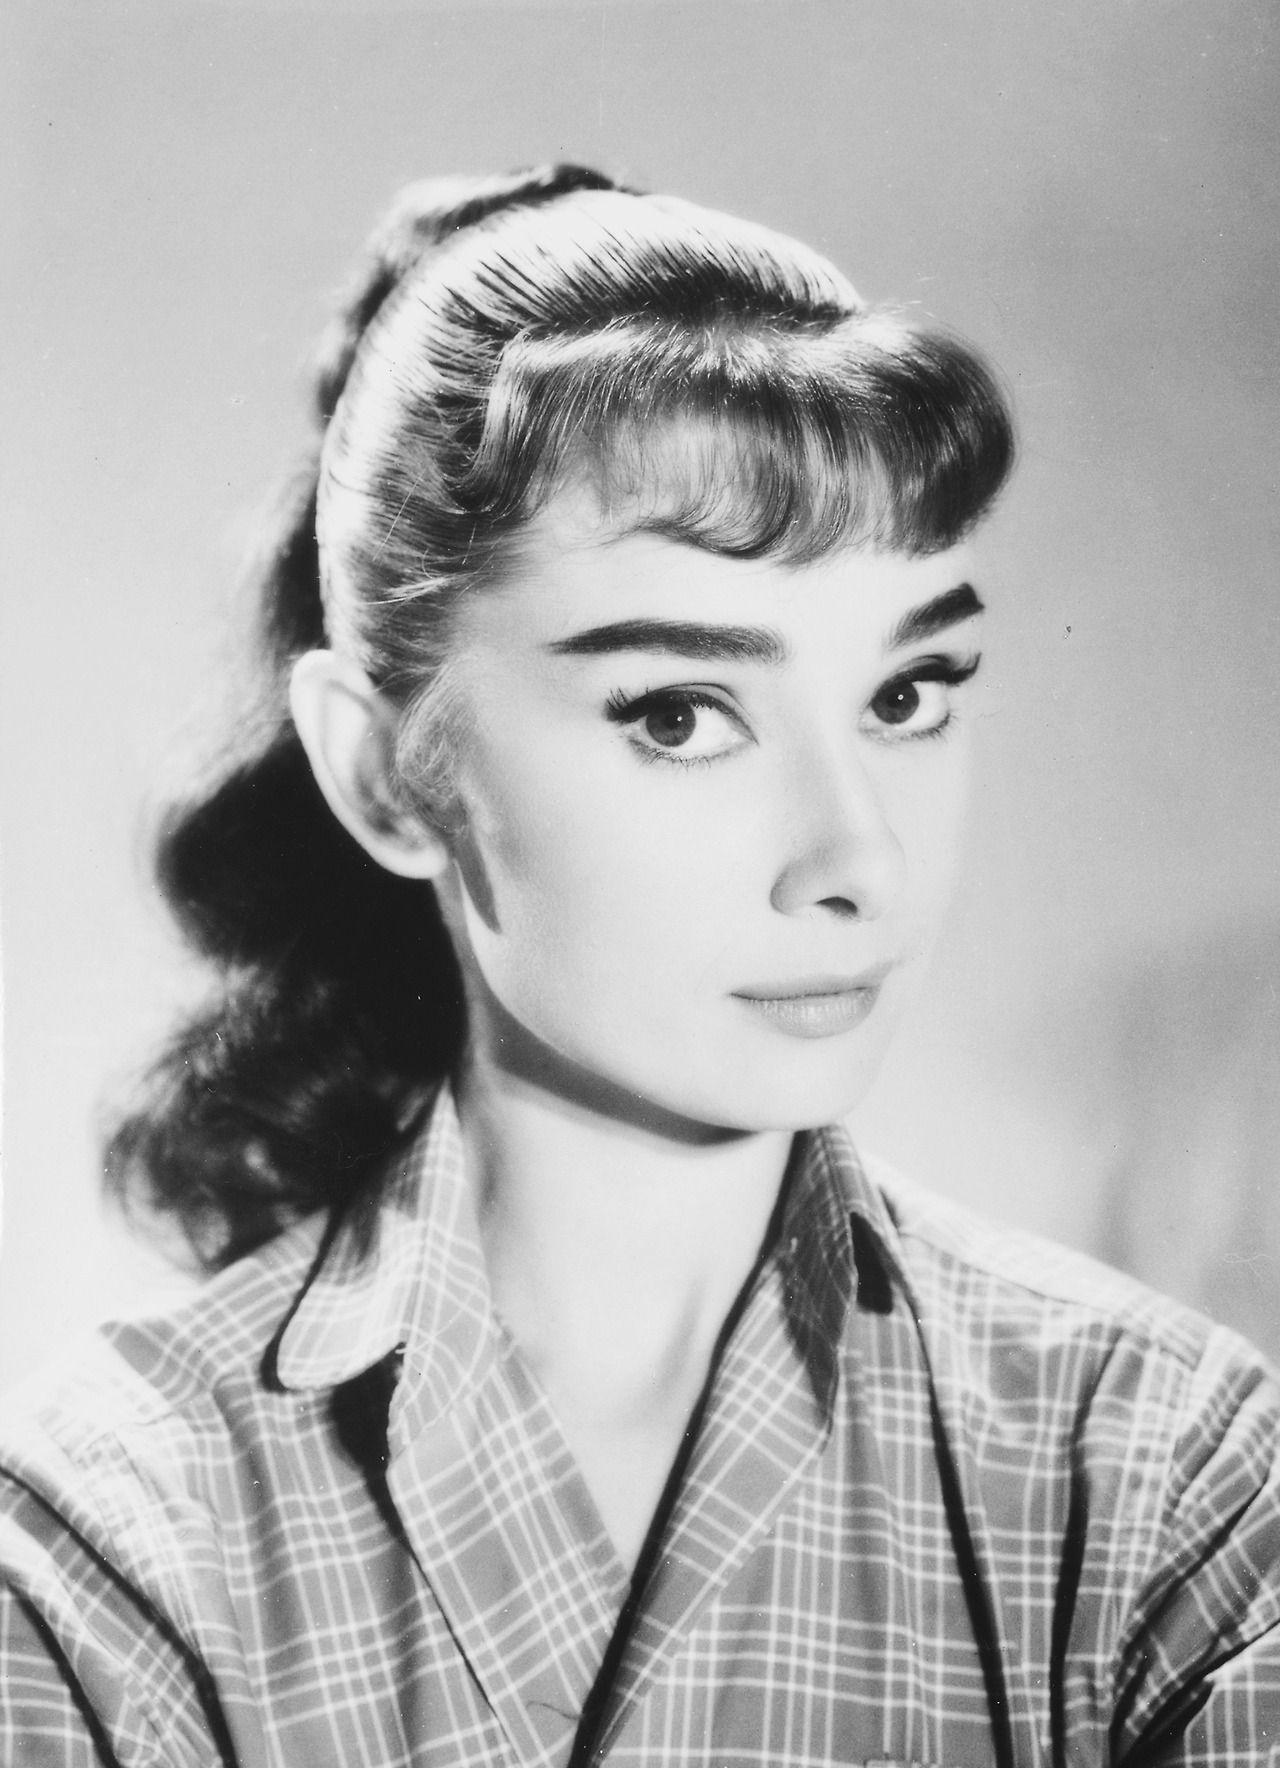 Audrey Hepburn (1929?993 (born in Ixelles, Belgium) Audrey Hepburn (1929?993 (born in Ixelles, Belgium) new picture